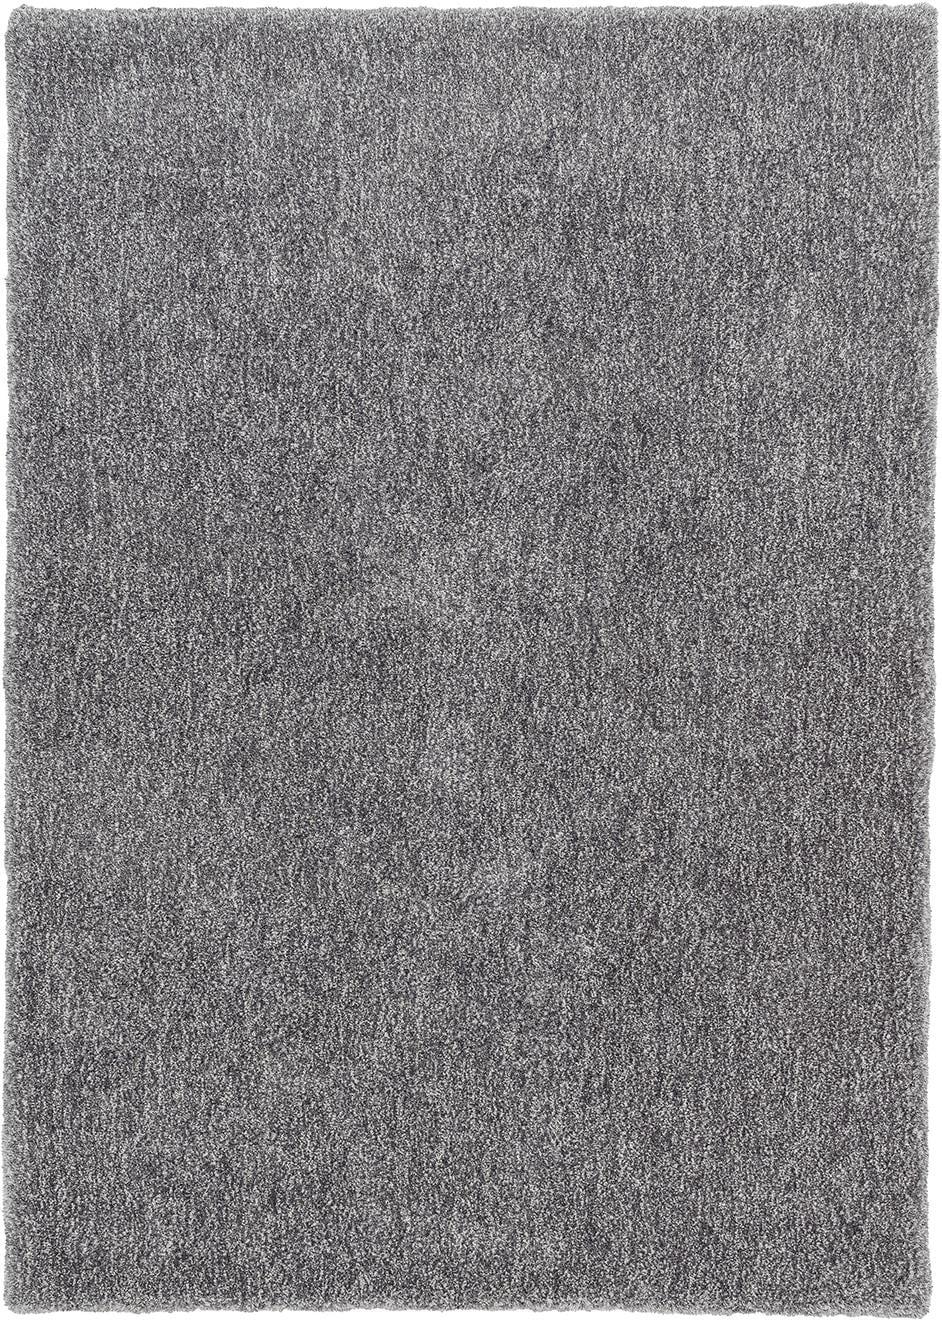 Full Size of Teppich Joop Soft Vintage Cornflower Grau Croco New Curly Stein Wohnzimmer Faded Pattern Taupe Kaufen Schlafzimmer Badezimmer Bad Steinteppich Esstisch Für Wohnzimmer Teppich Joop